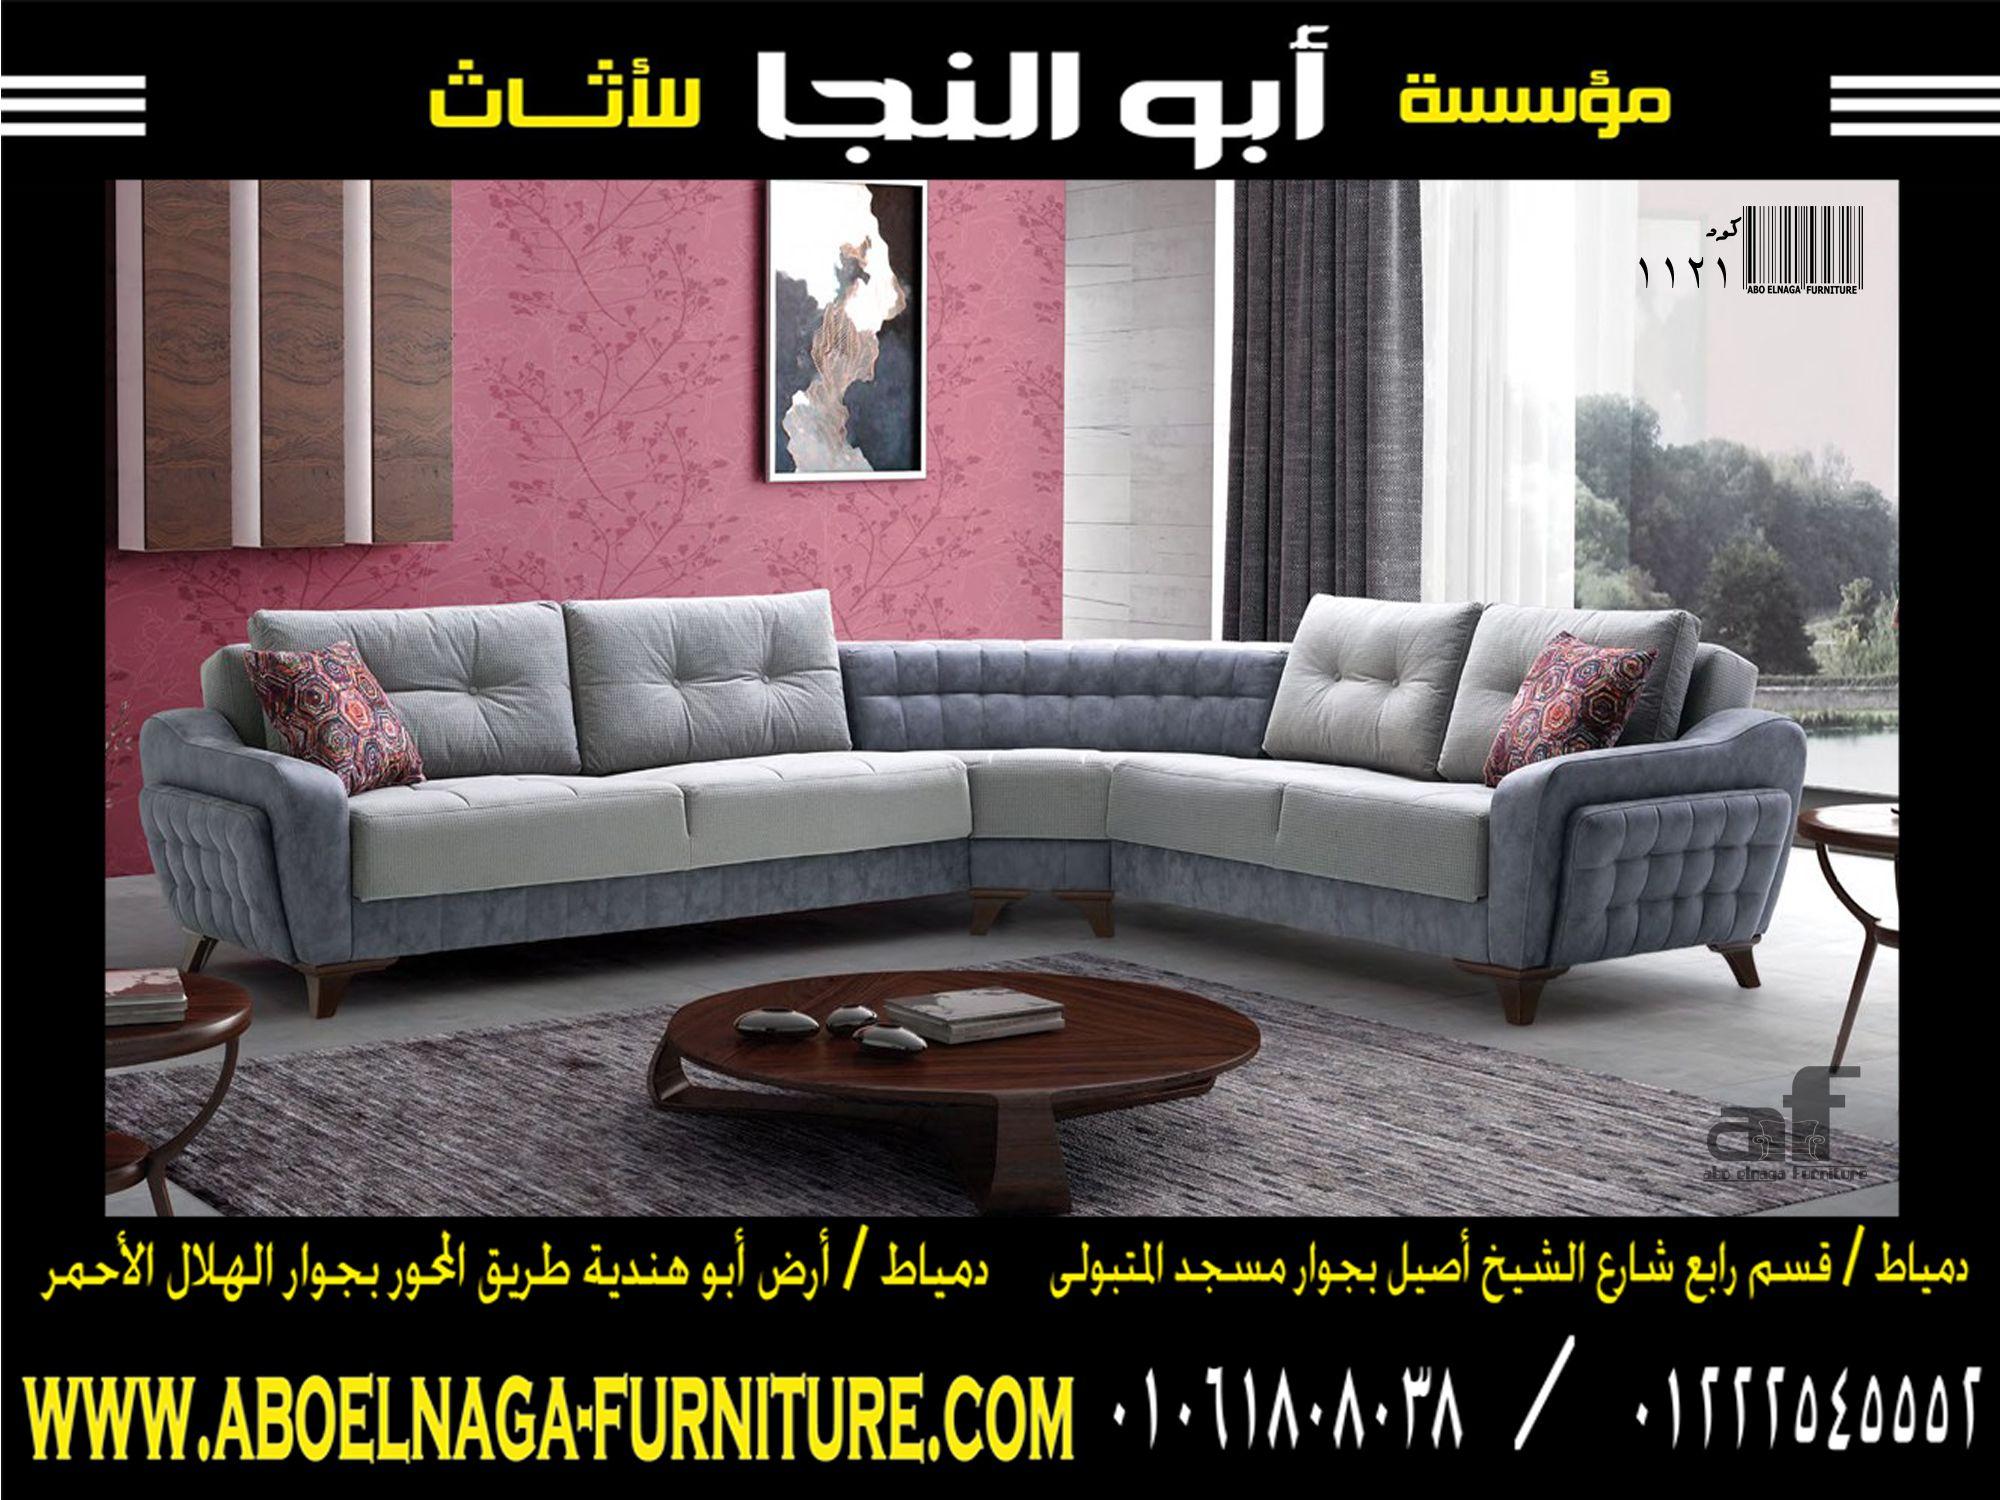 الرمادي هو لون السحب الداكنة المحملة بالأمطار و هو جزء لا يتجزأ من الطبيعة و رفيق دائم في الشتاء قد يصف البعض هذا اللون ب Home Decor Sectional Couch Furniture